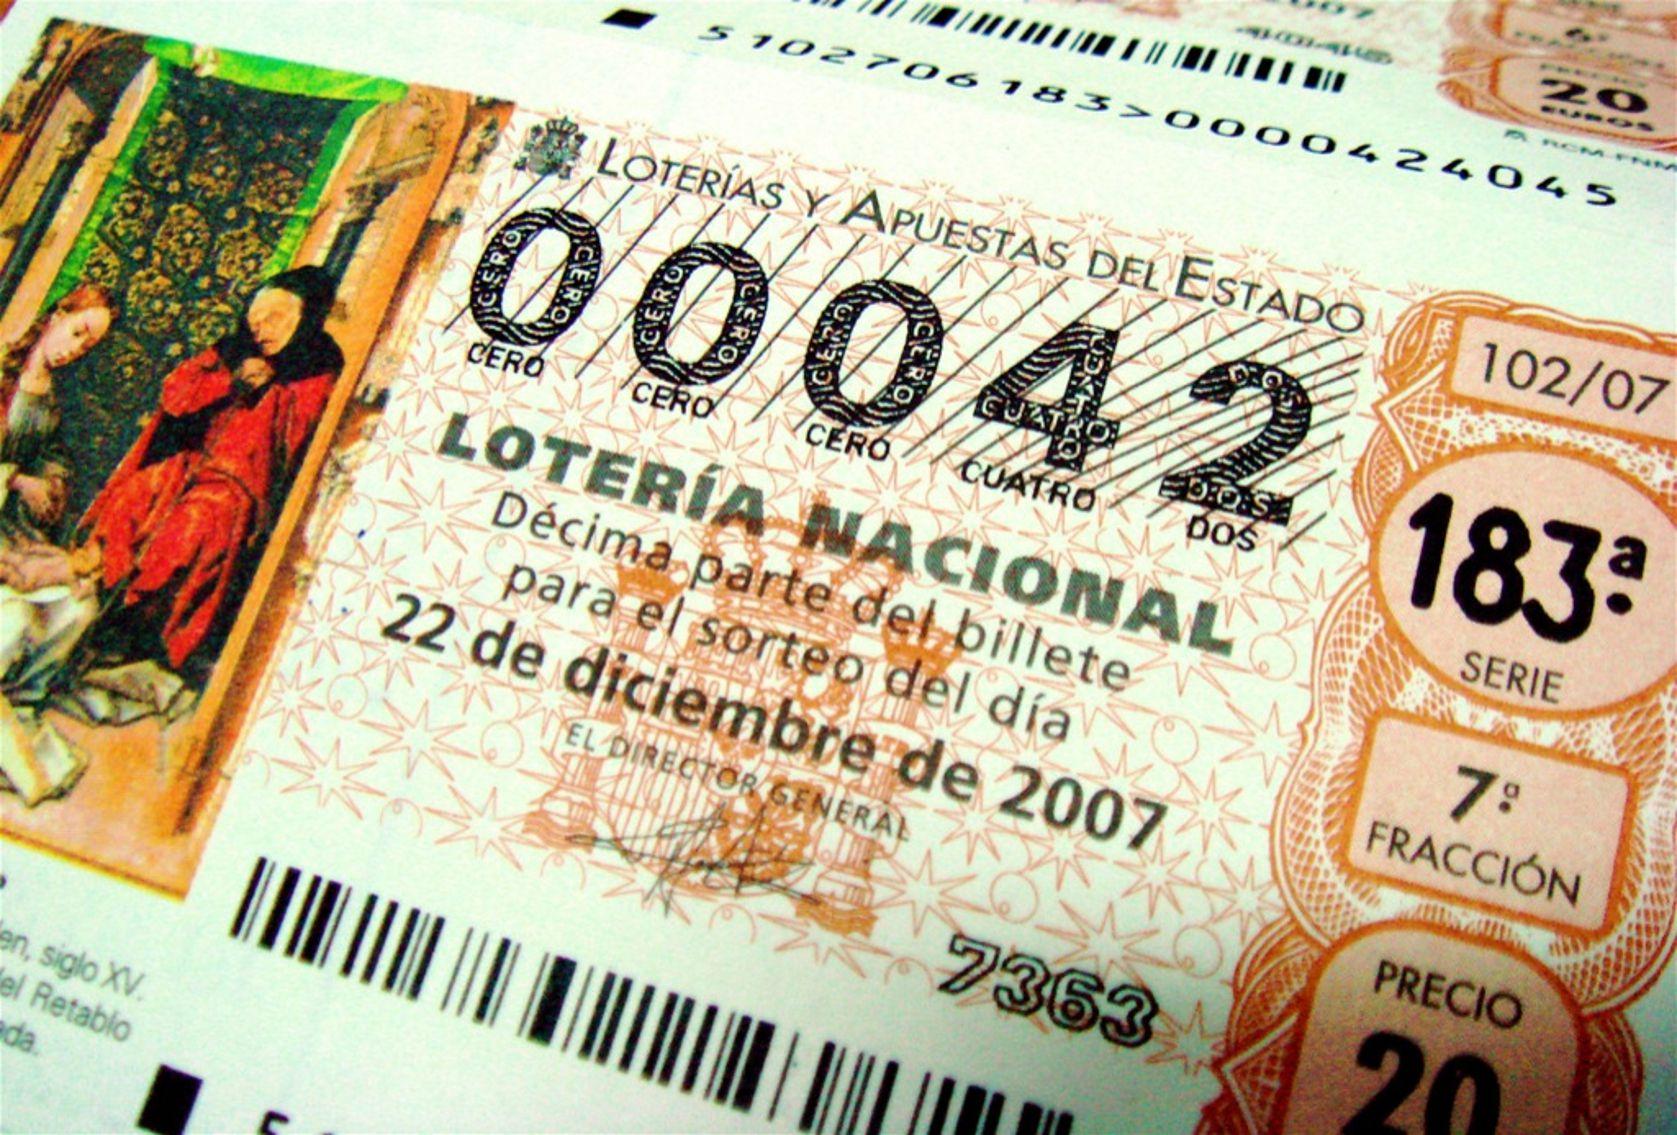 Азартные игры в испании. по карману ли они нам?